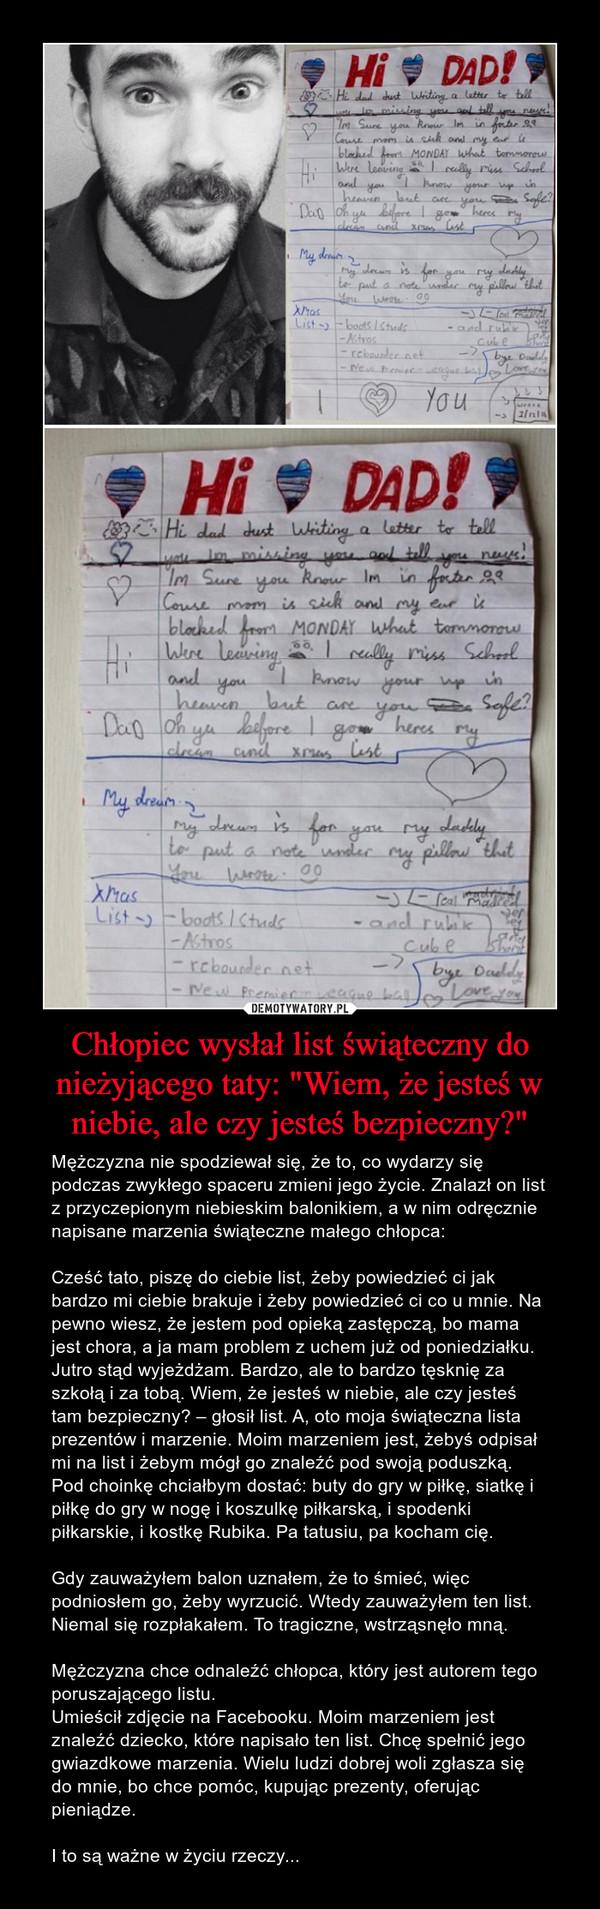 """Chłopiec wysłał list świąteczny do nieżyjącego taty: """"Wiem, że jesteś w niebie, ale czy jesteś bezpieczny?"""" – Mężczyzna nie spodziewał się, że to, co wydarzy się podczas zwykłego spaceru zmieni jego życie. Znalazł on list z przyczepionym niebieskim balonikiem, a w nim odręcznie napisane marzenia świąteczne małego chłopca:Cześć tato, piszę do ciebie list, żeby powiedzieć ci jak bardzo mi ciebie brakuje i żeby powiedzieć ci co u mnie. Na pewno wiesz, że jestem pod opieką zastępczą, bo mama jest chora, a ja mam problem z uchem już od poniedziałku. Jutro stąd wyjeżdżam. Bardzo, ale to bardzo tęsknię za szkołą i za tobą. Wiem, że jesteś w niebie, ale czy jesteś tam bezpieczny? – głosił list. A, oto moja świąteczna lista prezentów i marzenie. Moim marzeniem jest, żebyś odpisał mi na list i żebym mógł go znaleźć pod swoją poduszką. Pod choinkę chciałbym dostać: buty do gry w piłkę, siatkę i piłkę do gry w nogę i koszulkę piłkarską, i spodenki piłkarskie, i kostkę Rubika. Pa tatusiu, pa kocham cię.Gdy zauważyłem balon uznałem, że to śmieć, więc podniosłem go, żeby wyrzucić. Wtedy zauważyłem ten list. Niemal się rozpłakałem. To tragiczne, wstrząsnęło mną.Mężczyzna chce odnaleźć chłopca, który jest autorem tego poruszającego listu.Umieścił zdjęcie na Facebooku. Moim marzeniem jest znaleźć dziecko, które napisało ten list. Chcę spełnić jego gwiazdkowe marzenia. Wielu ludzi dobrej woli zgłasza się do mnie, bo chce pomóc, kupując prezenty, oferując pieniądze.I to są ważne w życiu rzeczy... HI DAD"""